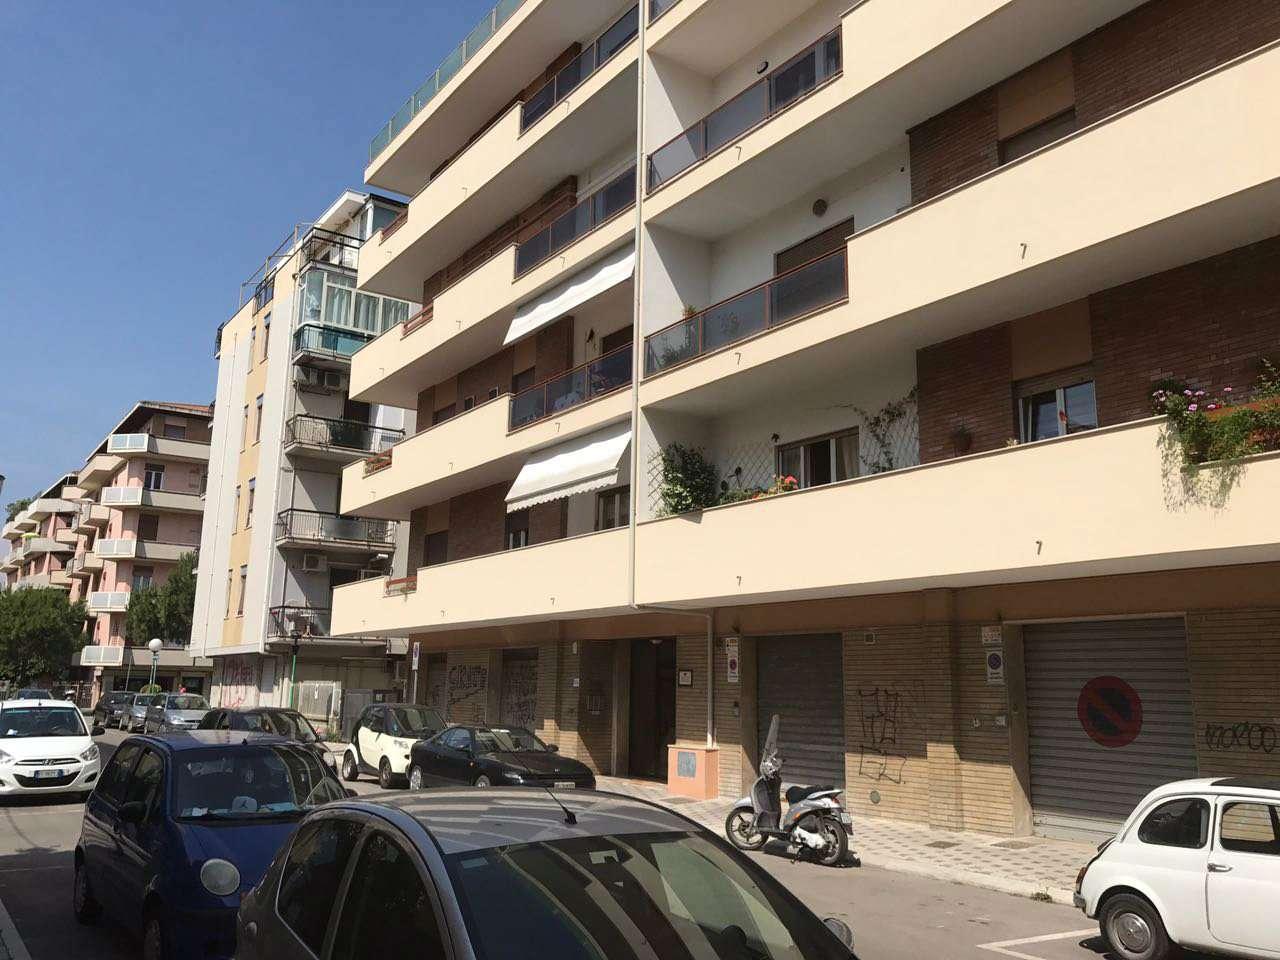 Appartamento in affitto a Pescara, 3 locali, prezzo € 550 | CambioCasa.it